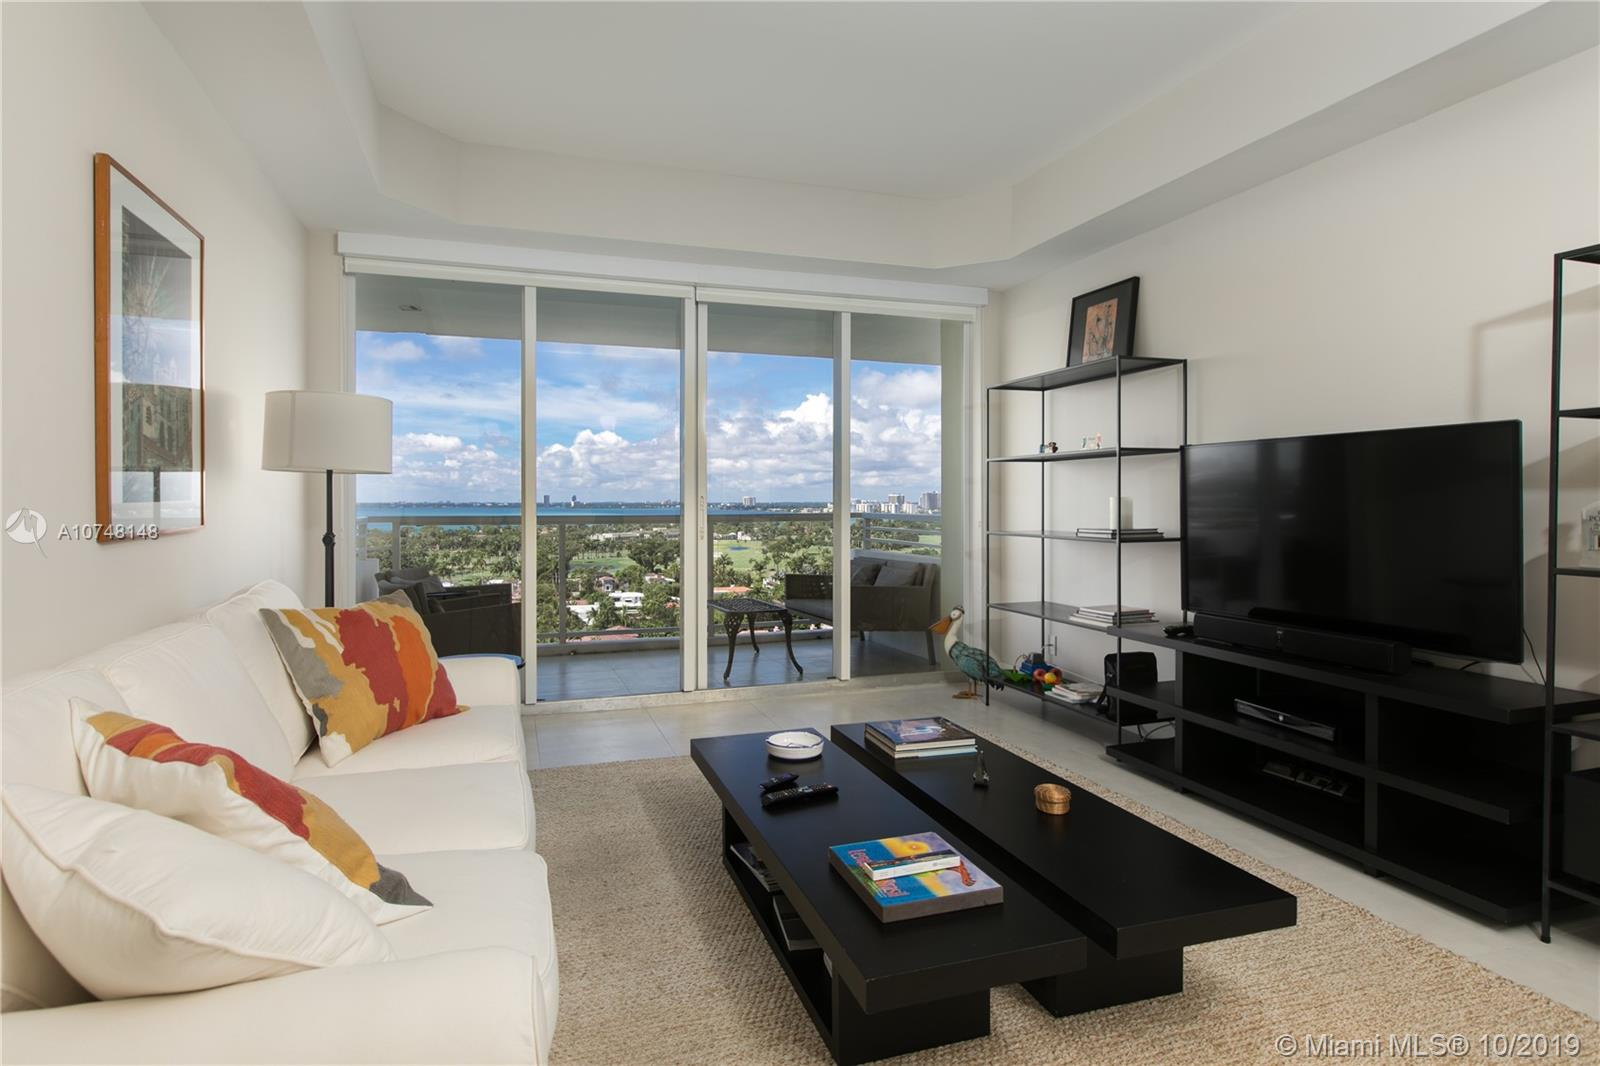 5600 Collins Ave #17H, Miami Beach, FL 33140 - Miami Beach, FL real estate listing